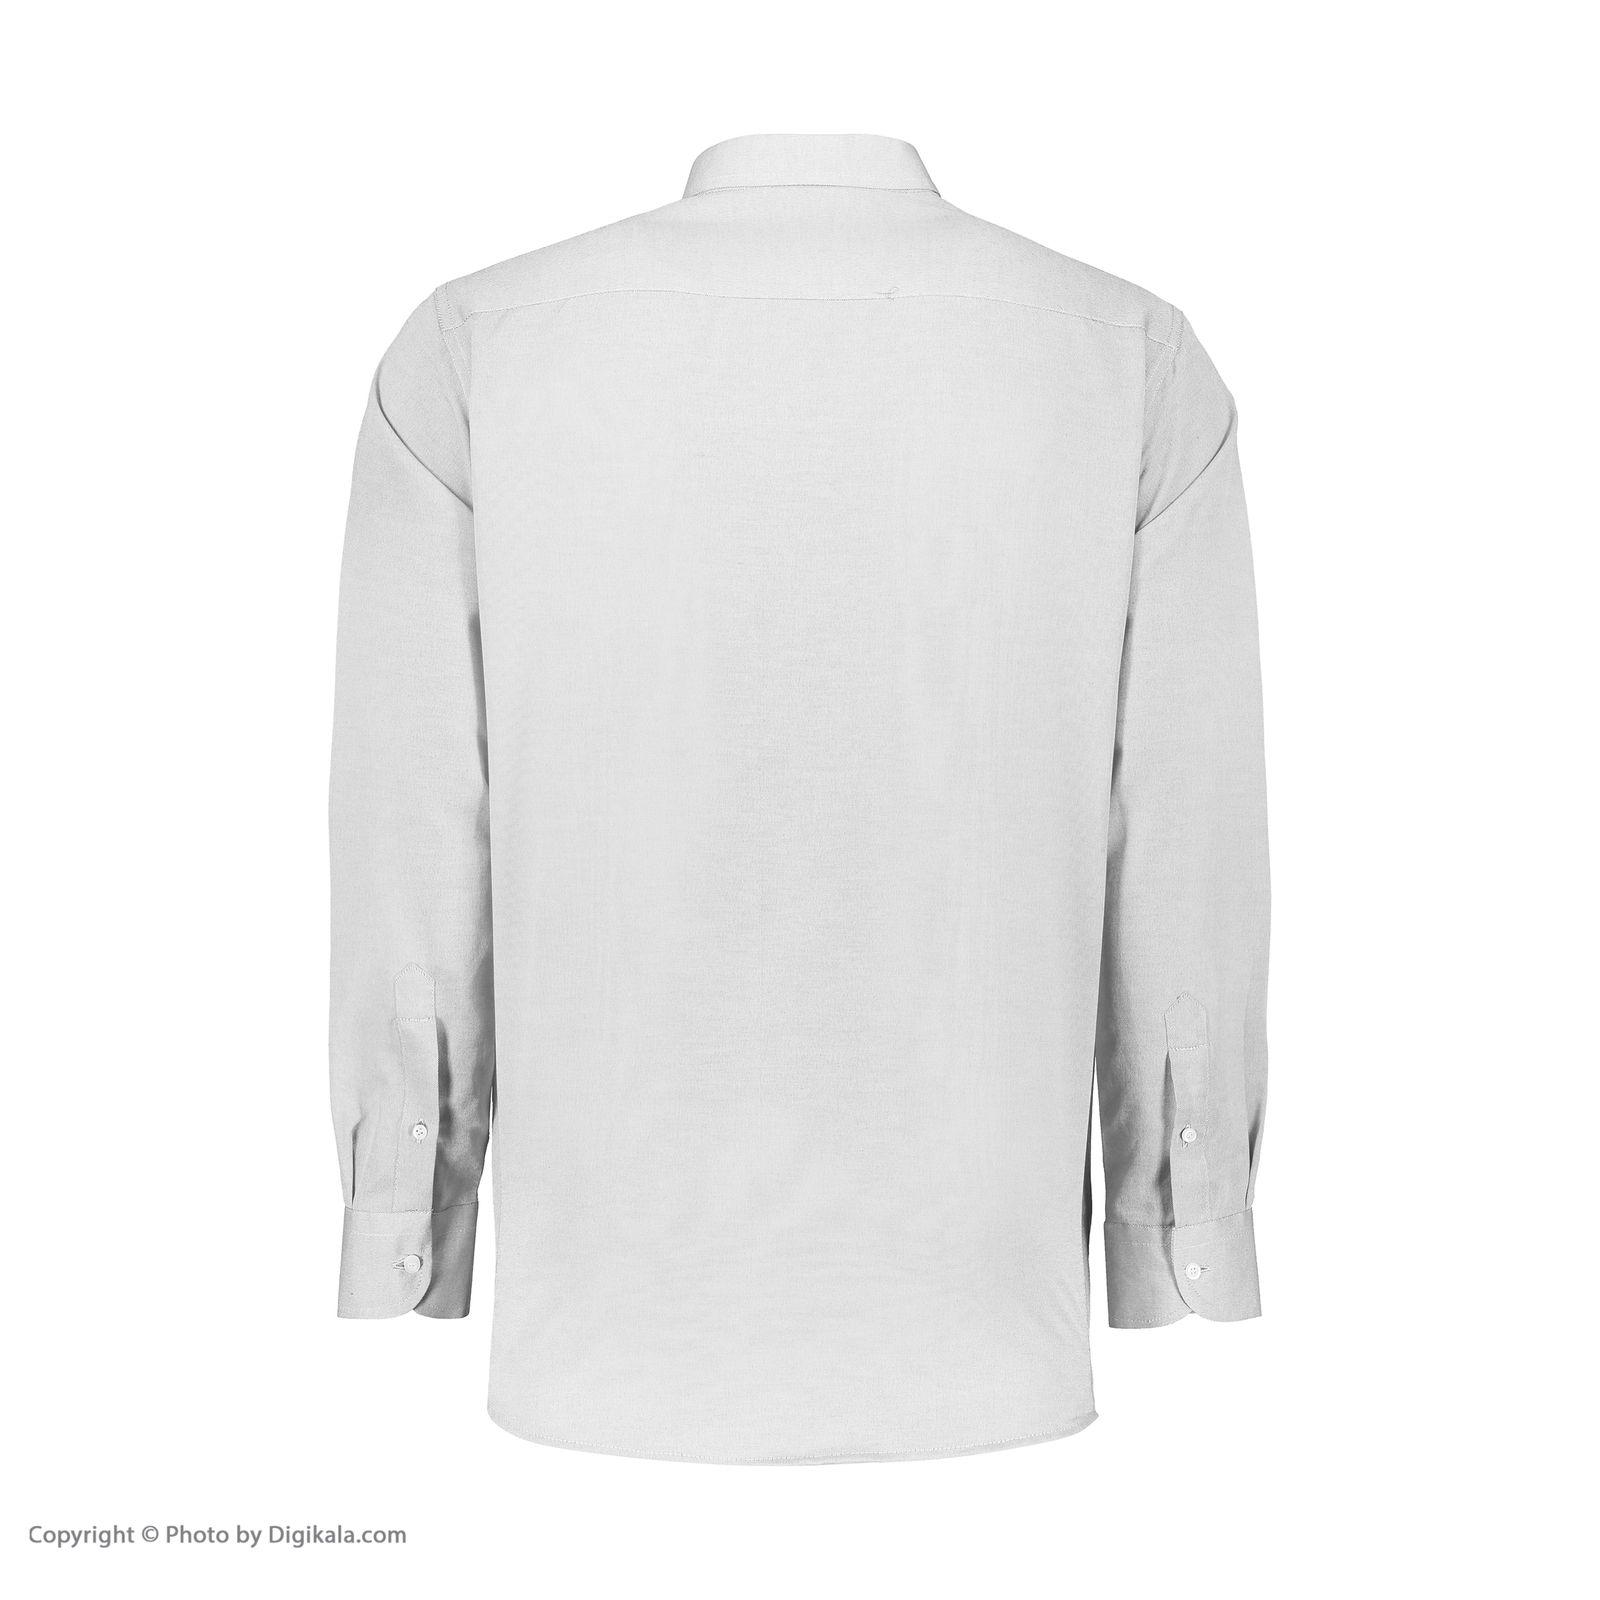 پیراهن مردانه زی مدل 153118601 -  - 4